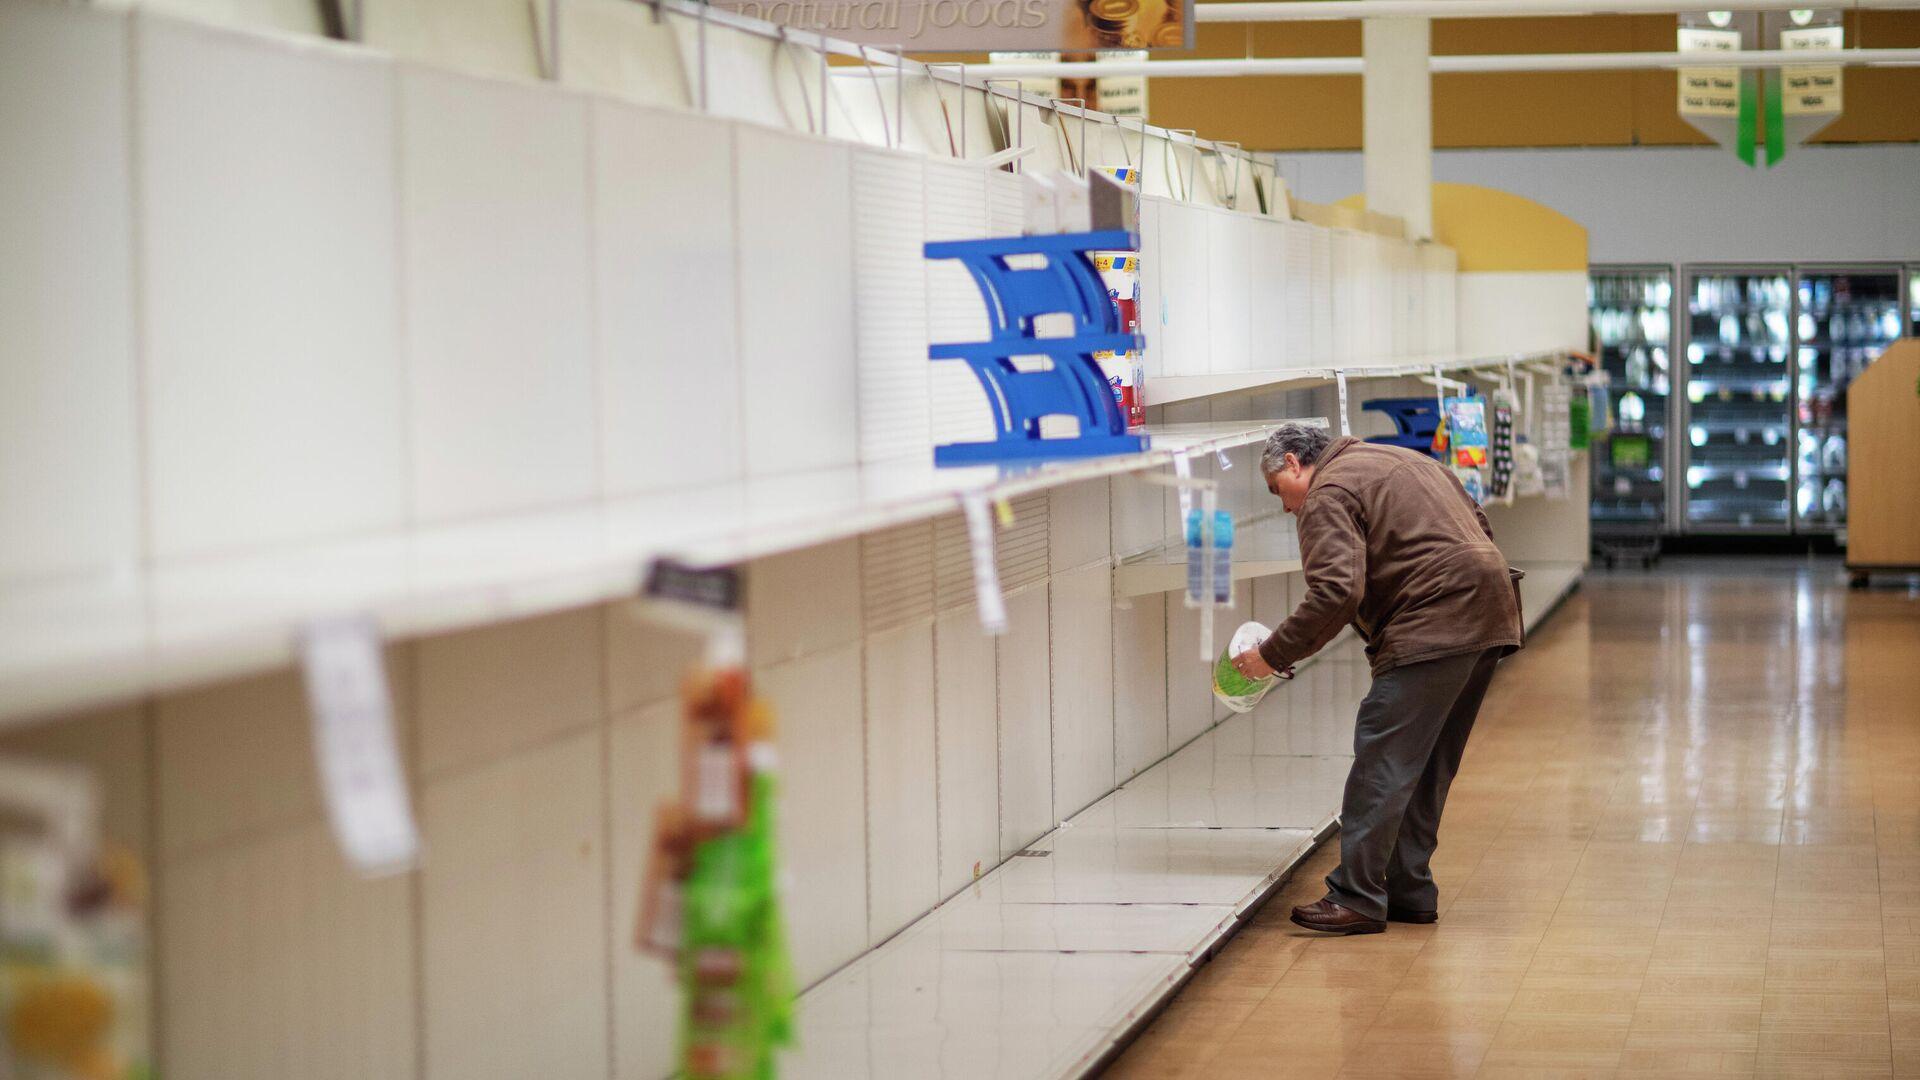 Мужчина берет с пустой полки пачку туалетной бумаги в супермаркете в Род-Айленд. - РИА Новости, 1920, 12.10.2021